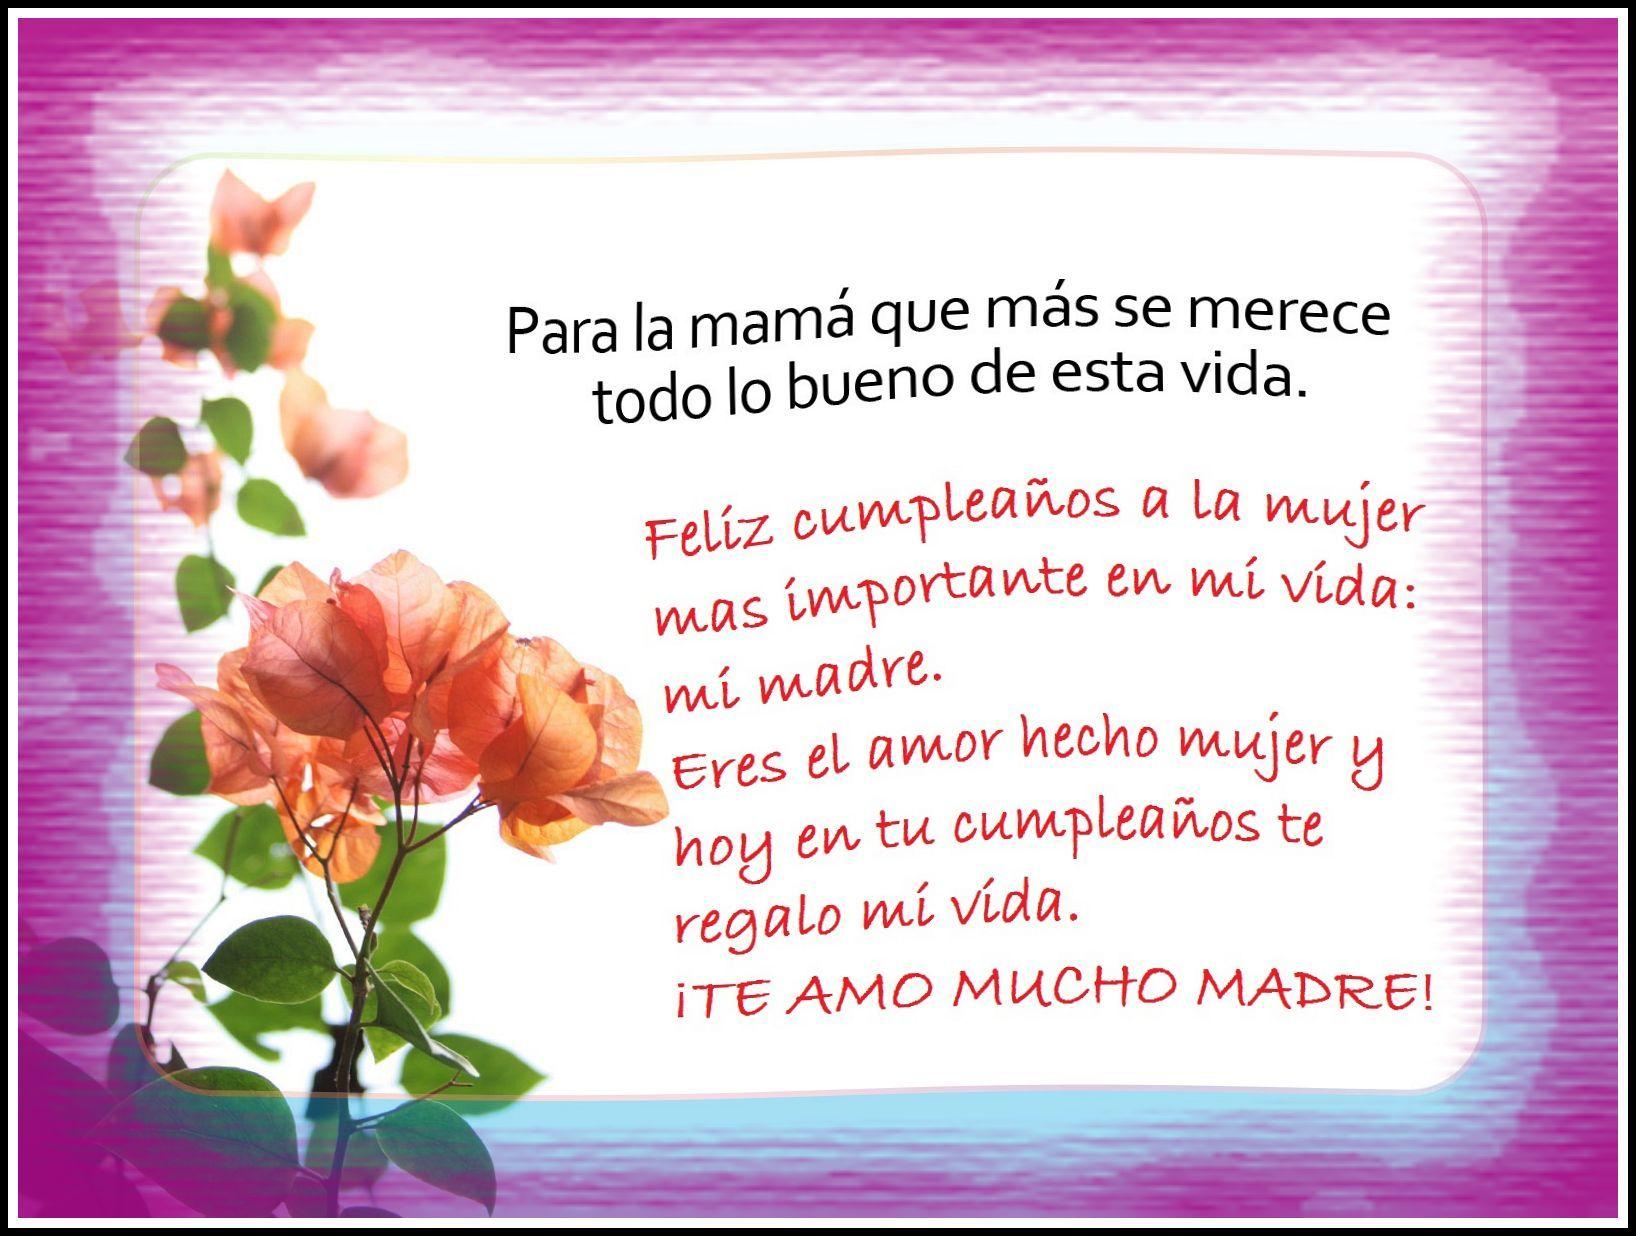 Especiales saludos de cumplea os para mi amor mi madre - Regalos para el cumple de tu madre ...